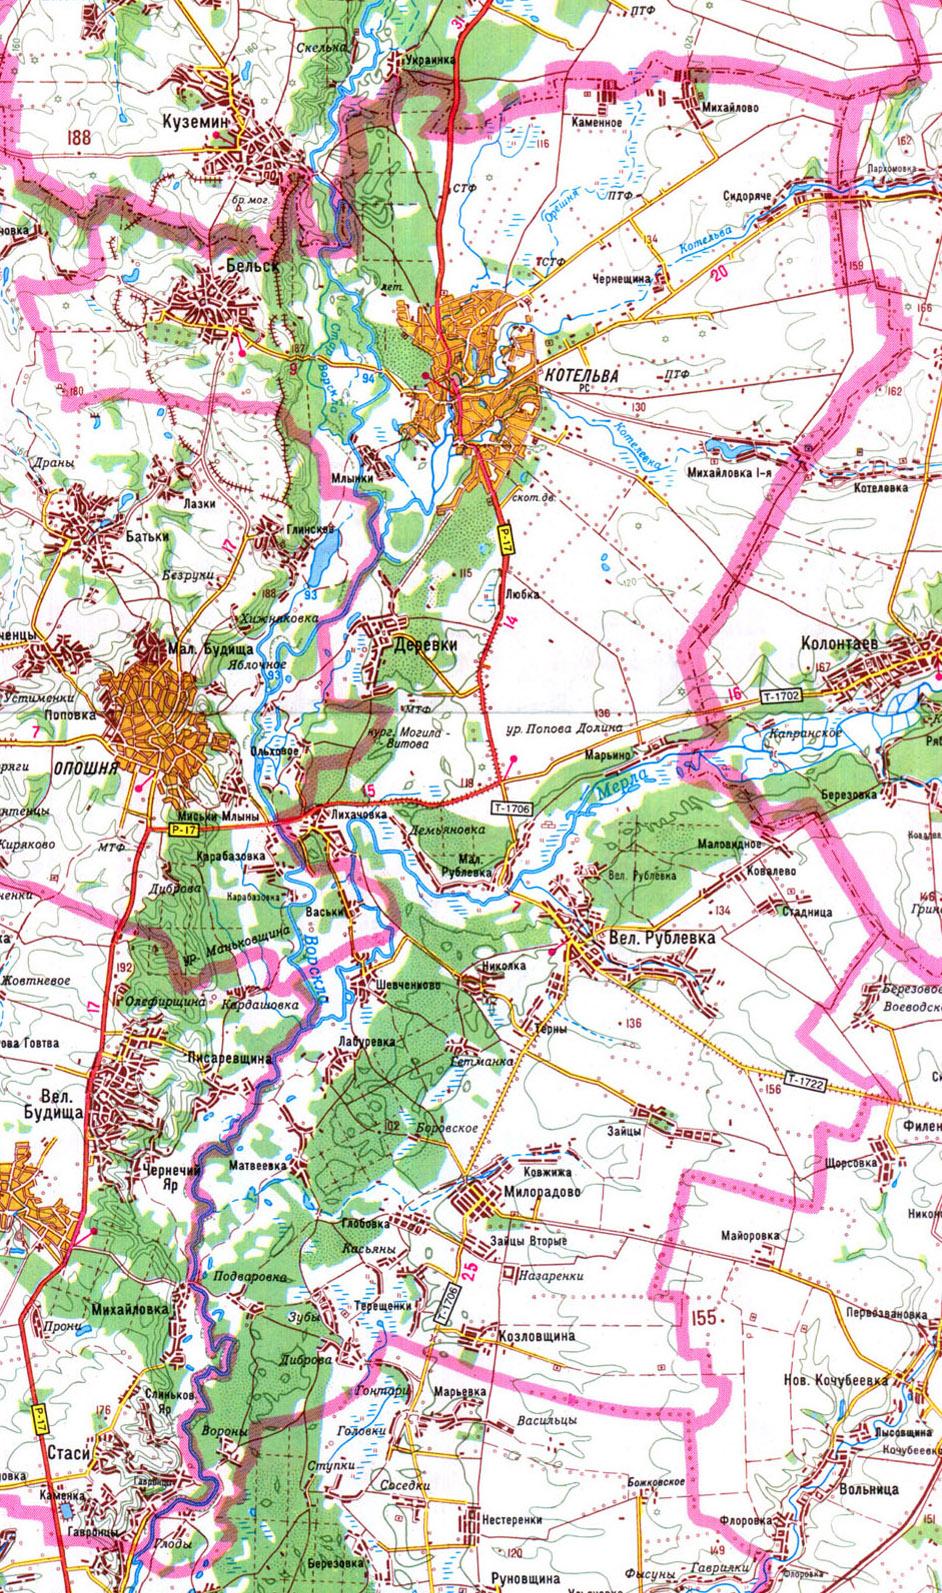 Детальная карта Котеловского района